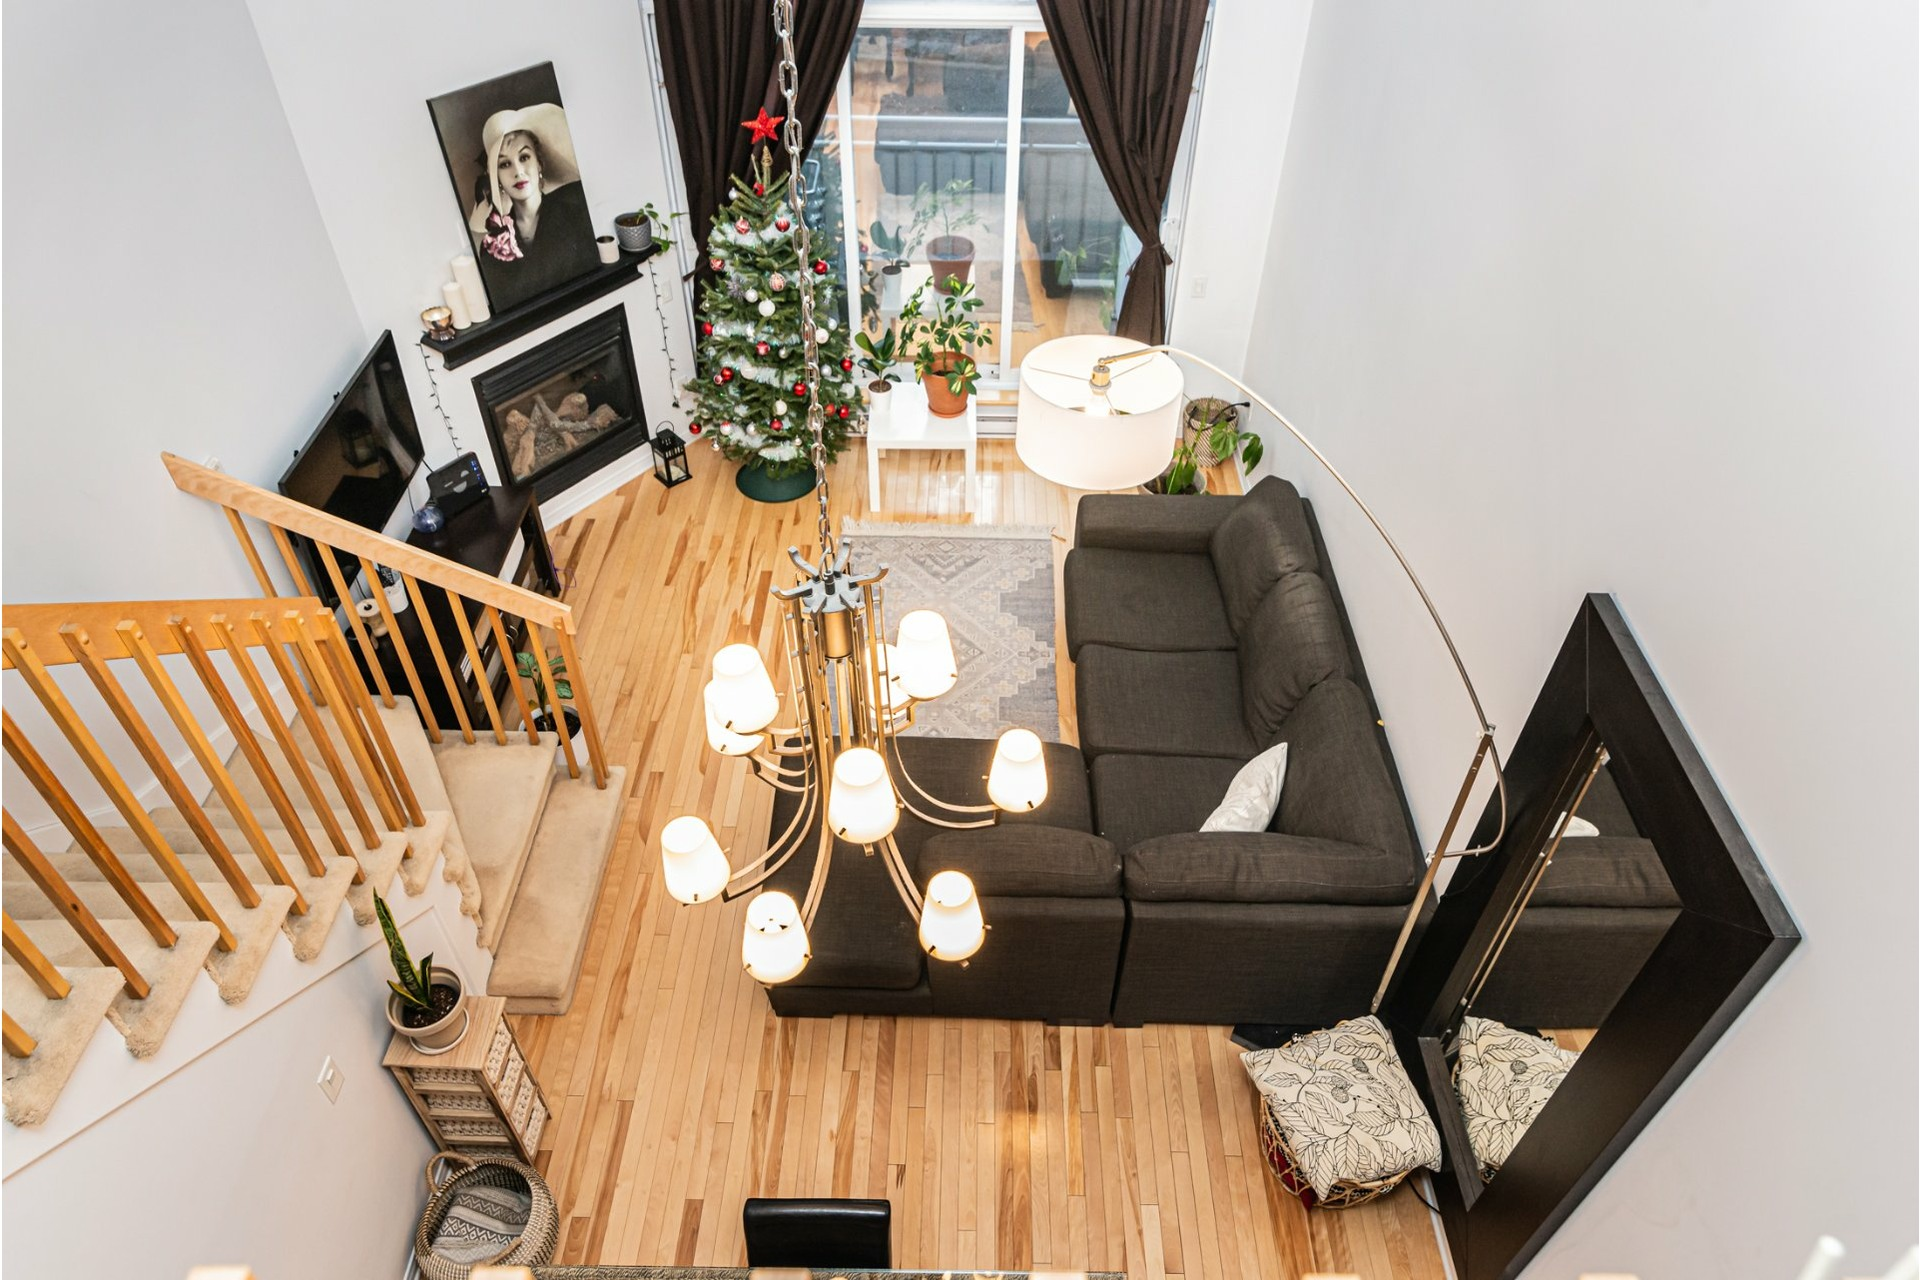 image 6 - Appartement À vendre Lachine Montréal  - 5 pièces